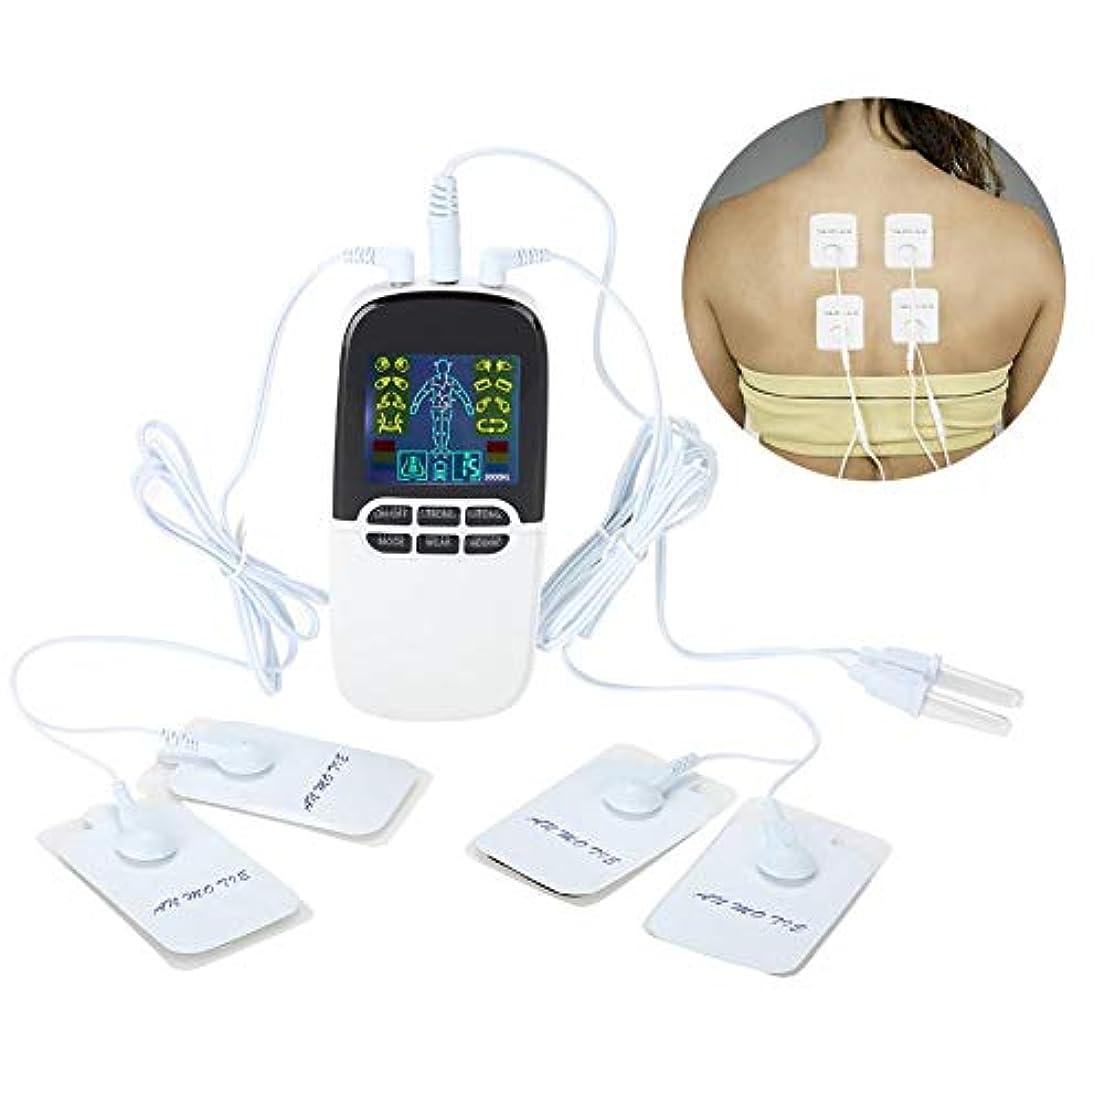 担当者ビヨン状況携帯用子午線のマッサージャー、電子筋肉はヘルパーボディ痛みの軽減のデジタル脈拍装置ヘルスケア用具を緩めます